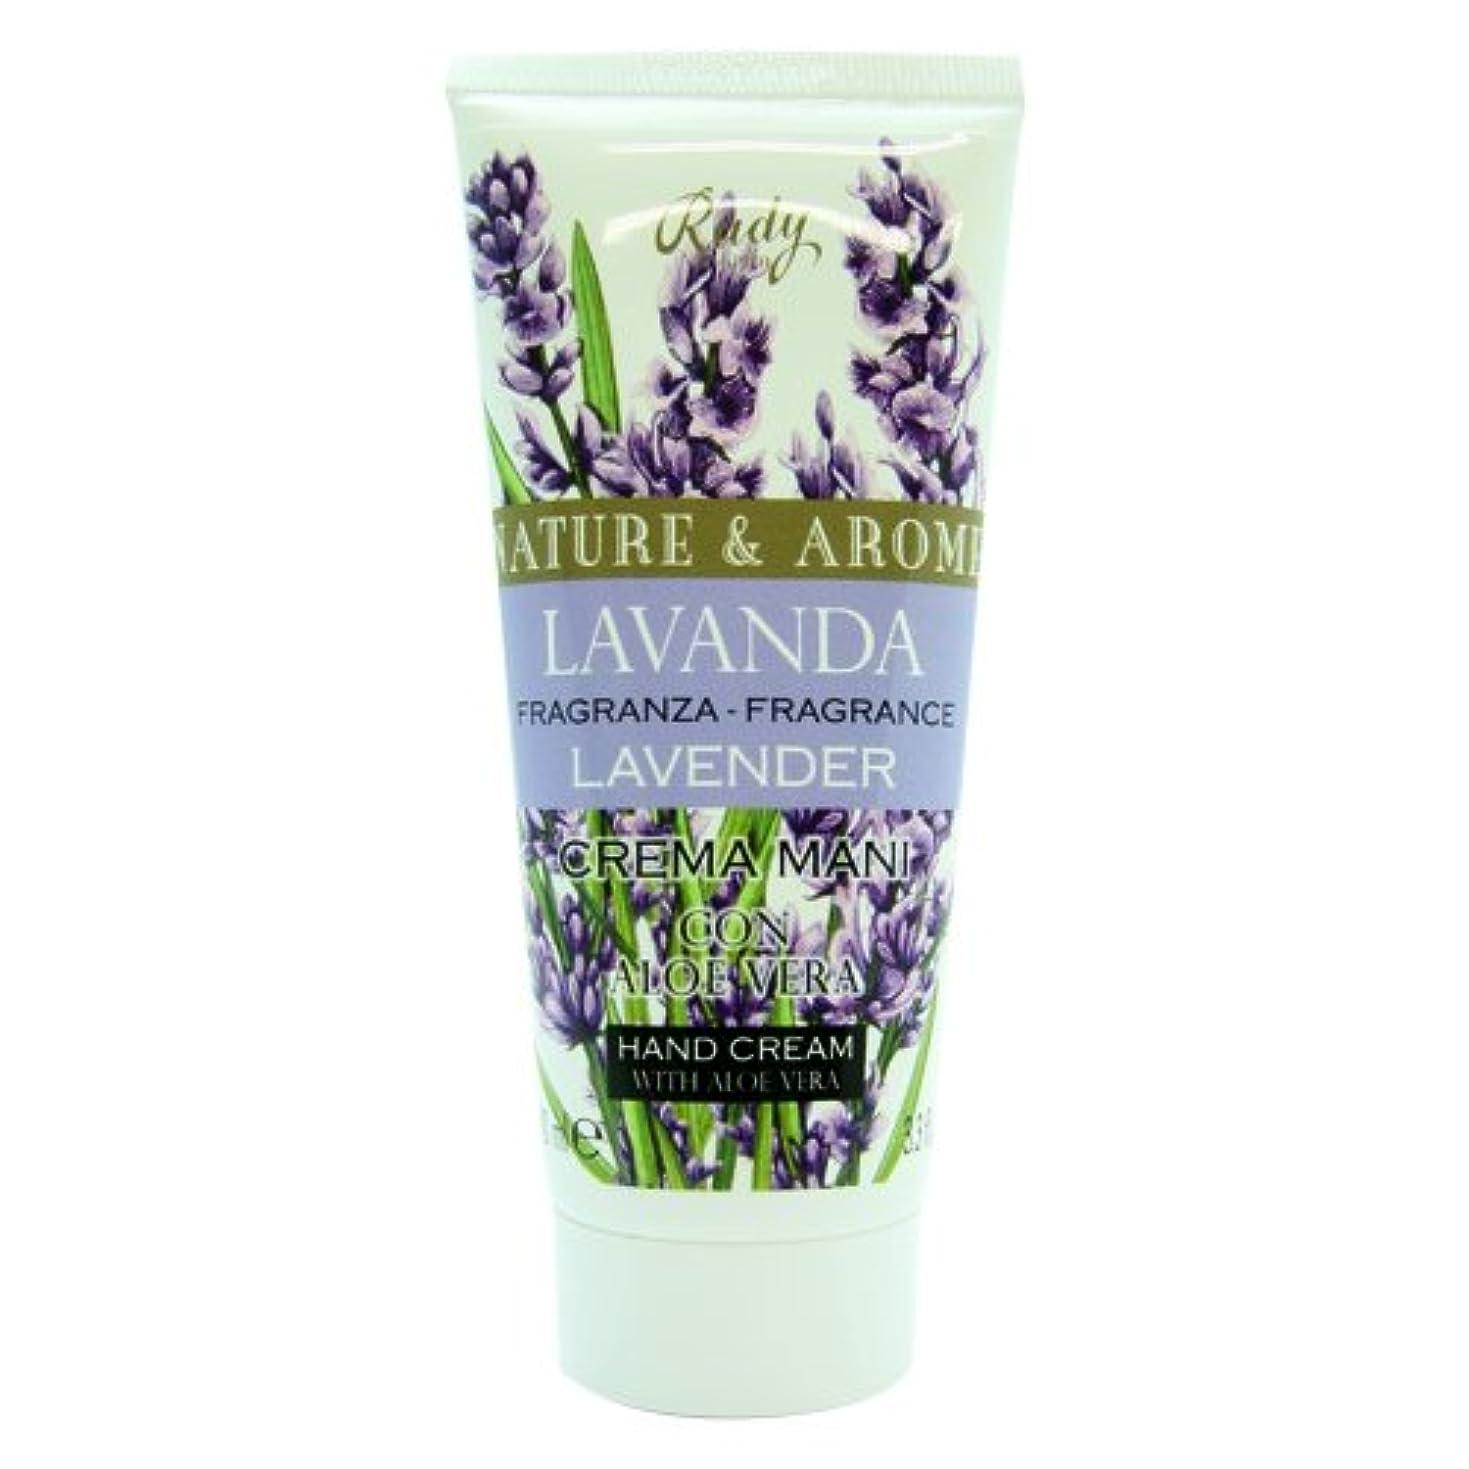 師匠わずかなローンRUDY Nature&Arome SERIES ルディ ナチュール&アロマ Hand Cream ハンドクリーム  Lavender ラベンダー